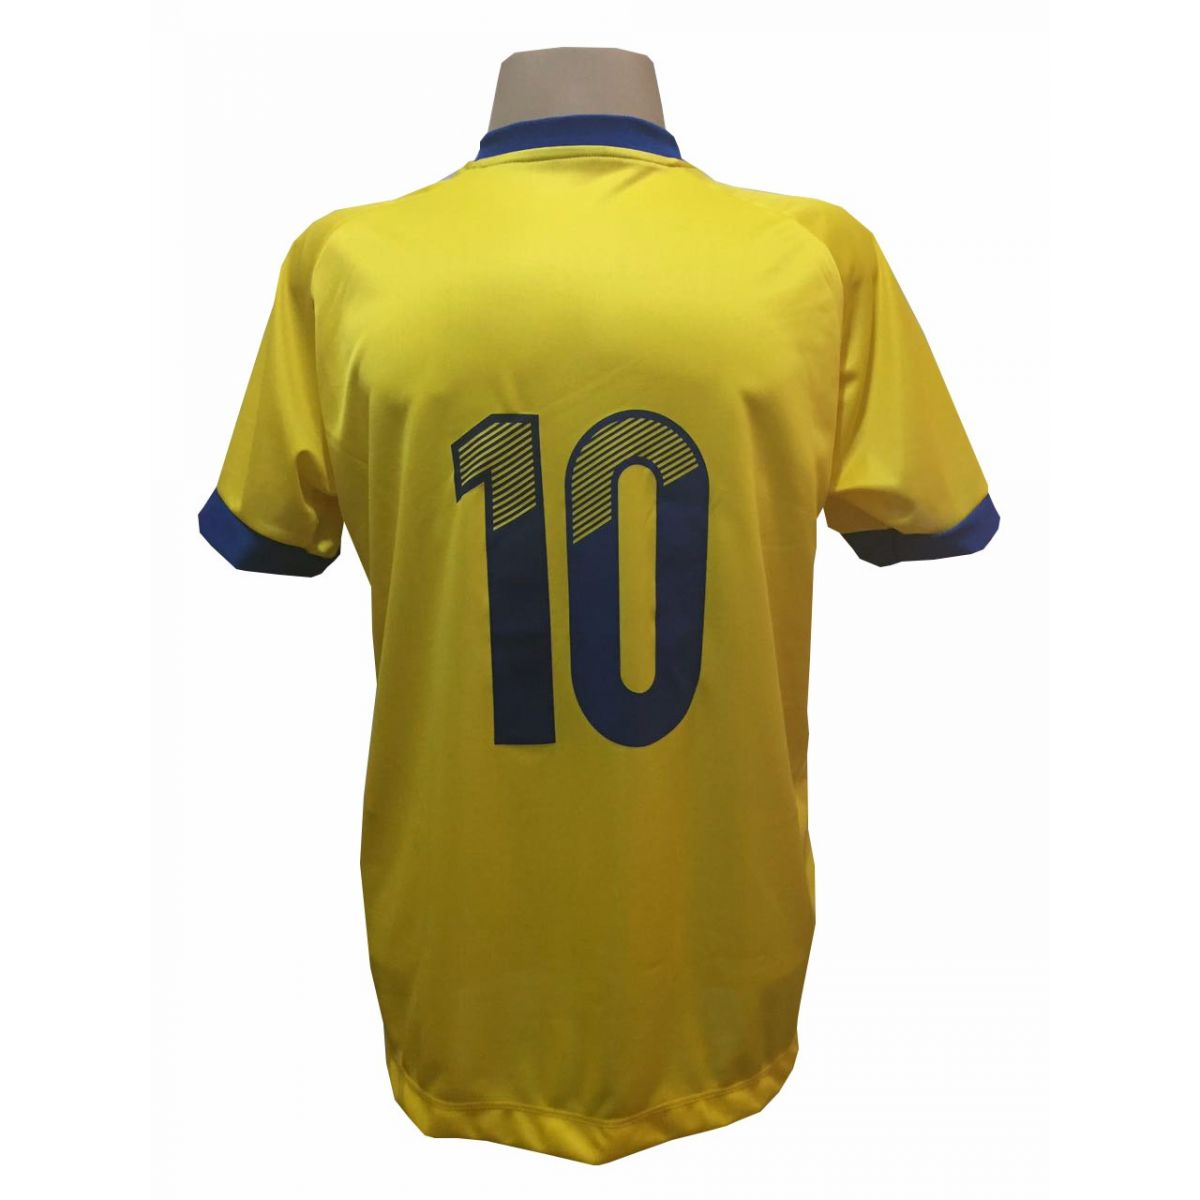 Fardamento Completo modelo Bélgica 20+1 (20 camisas Amarelo/Royal + 20 calções modelo Madrid Royal + 20 pares de meiões Amarelo + 1 conjunto de goleiro) + Brindes